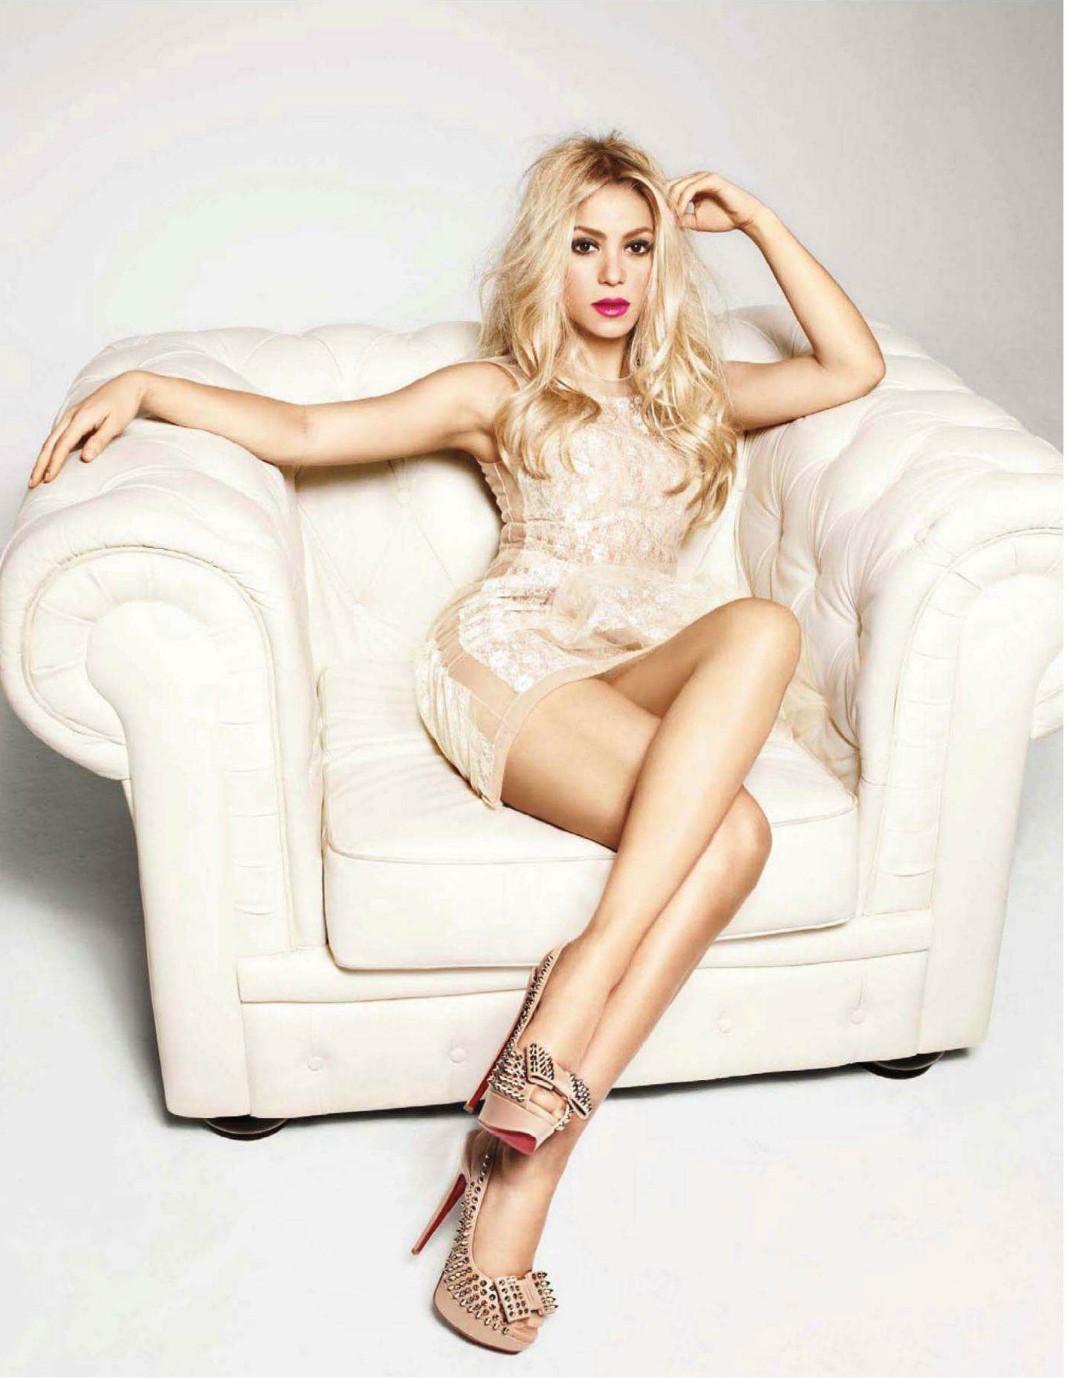 Shakira sexy photo